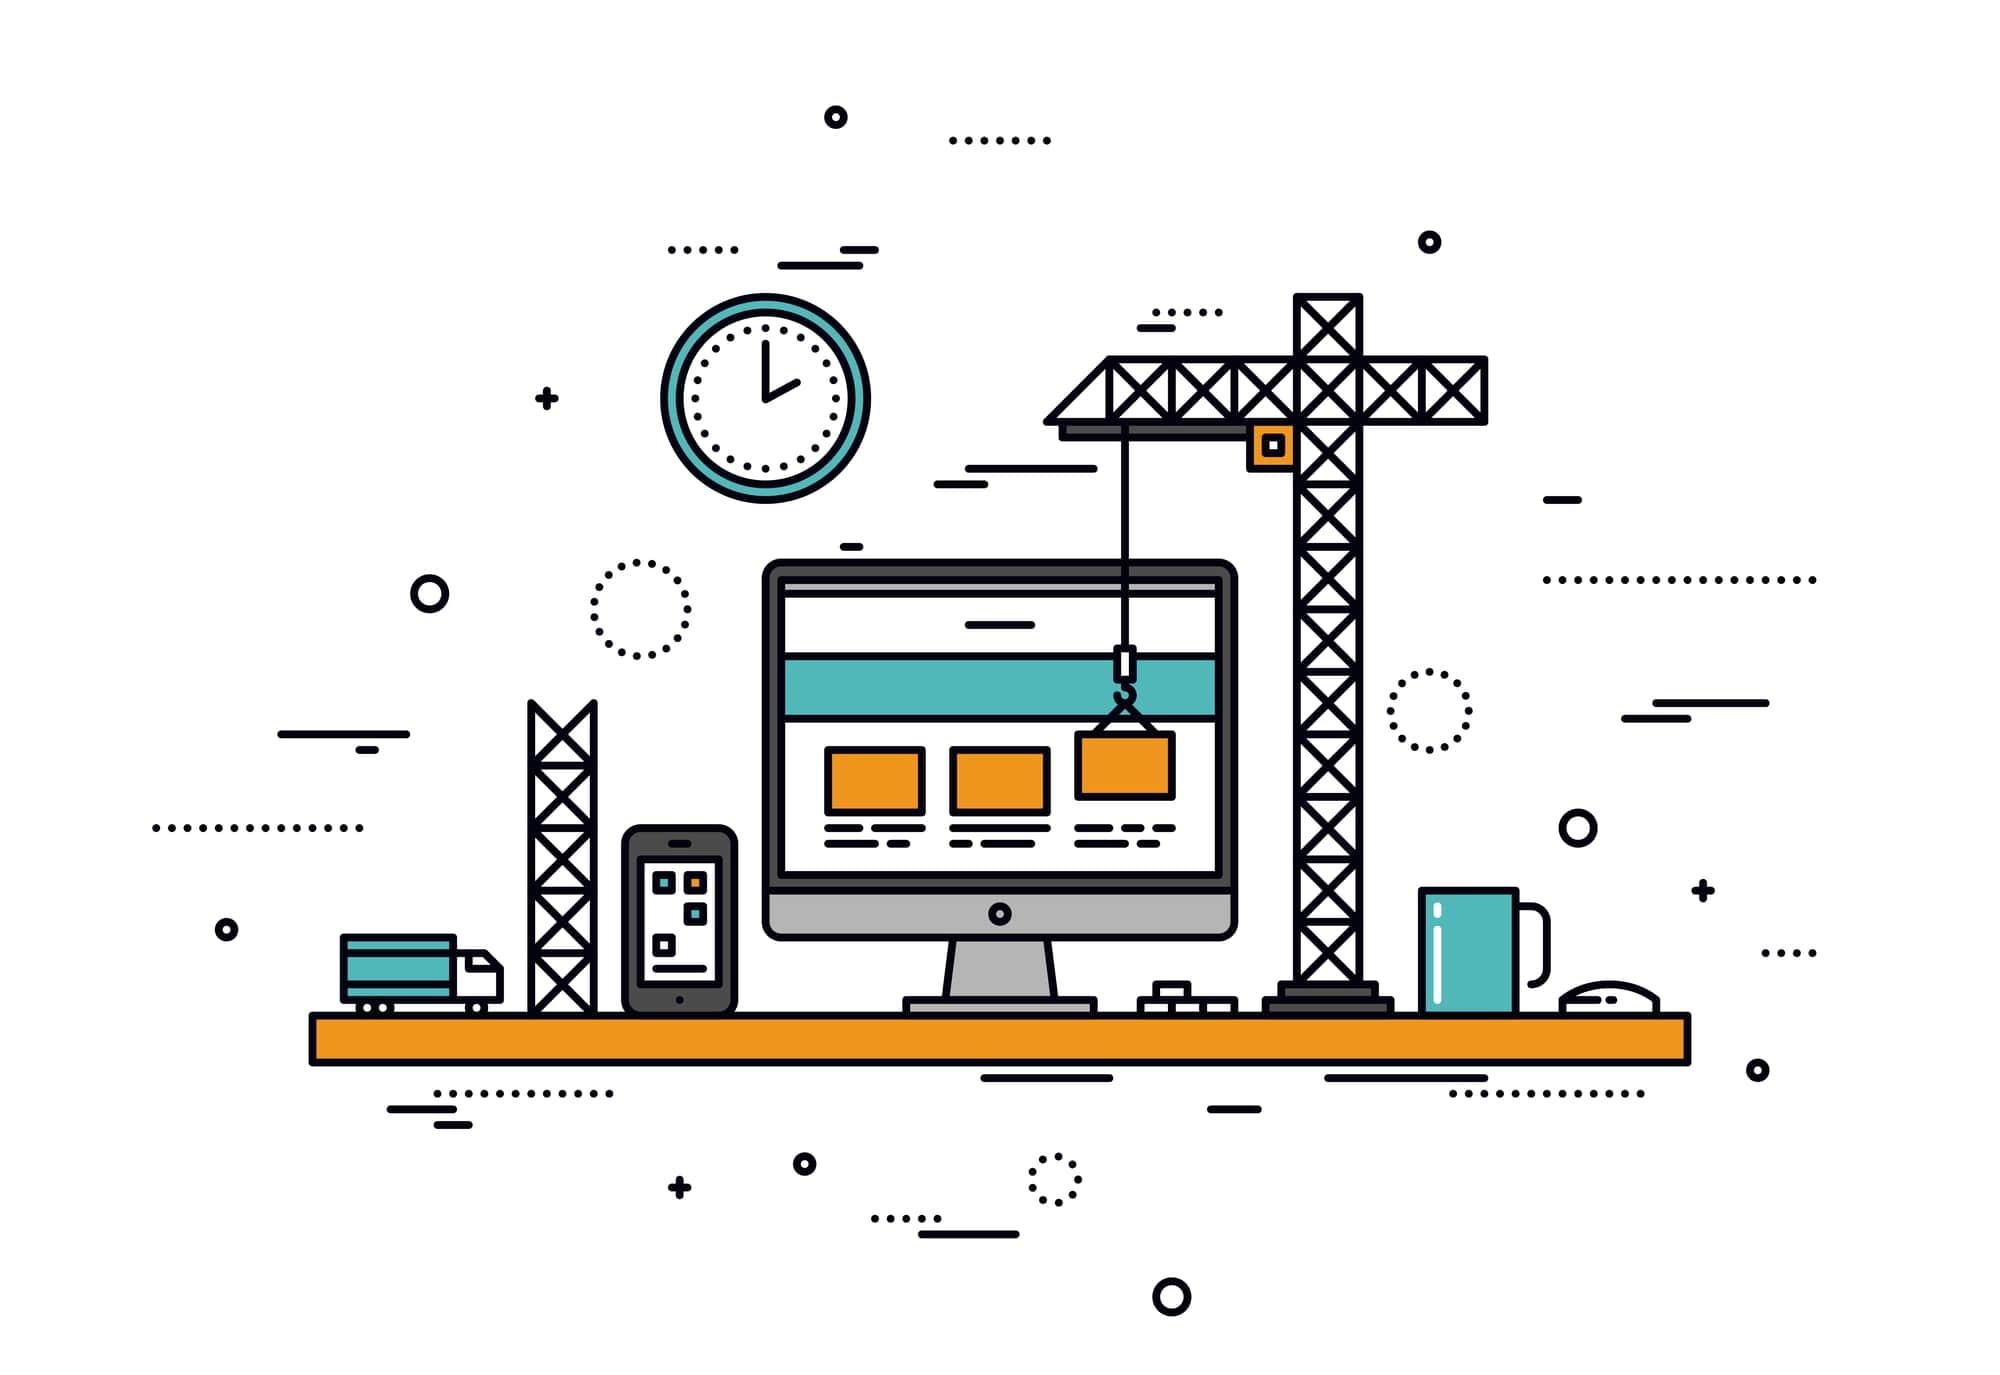 هدف از ساخت وب سایت چیست